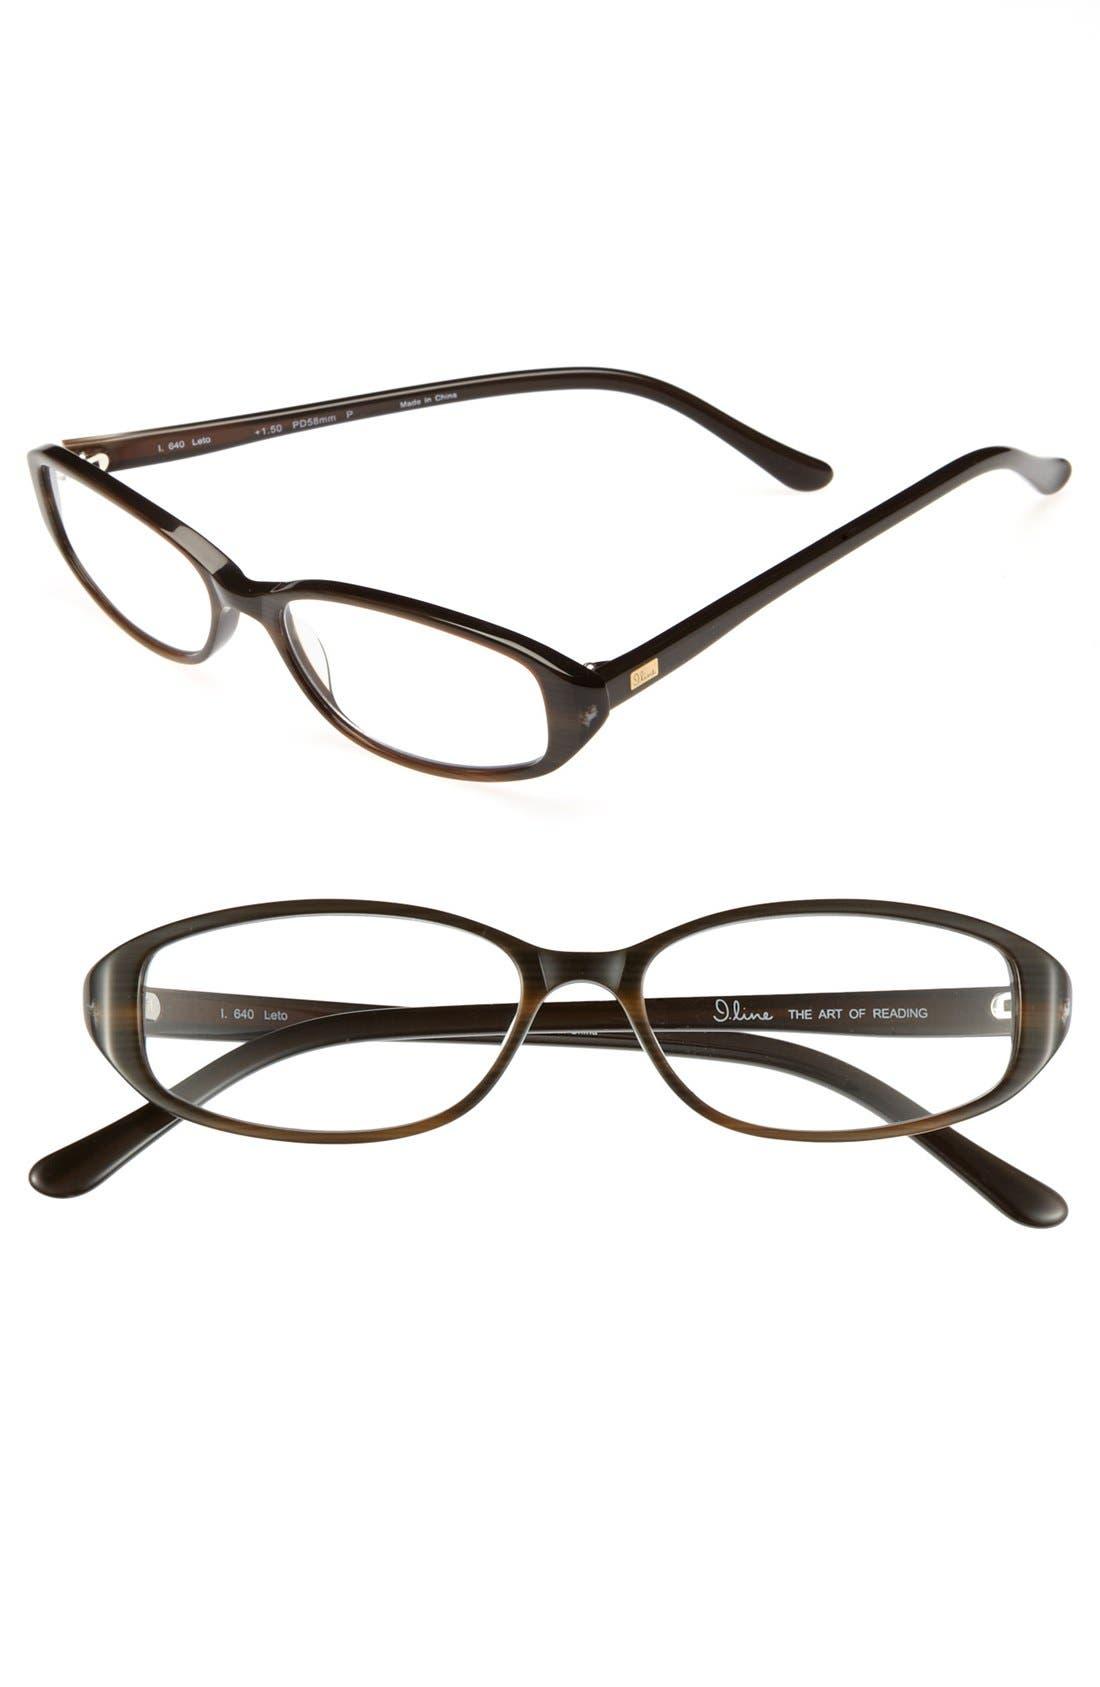 Main Image - I Line Eyewear 52mm Reading Glasses